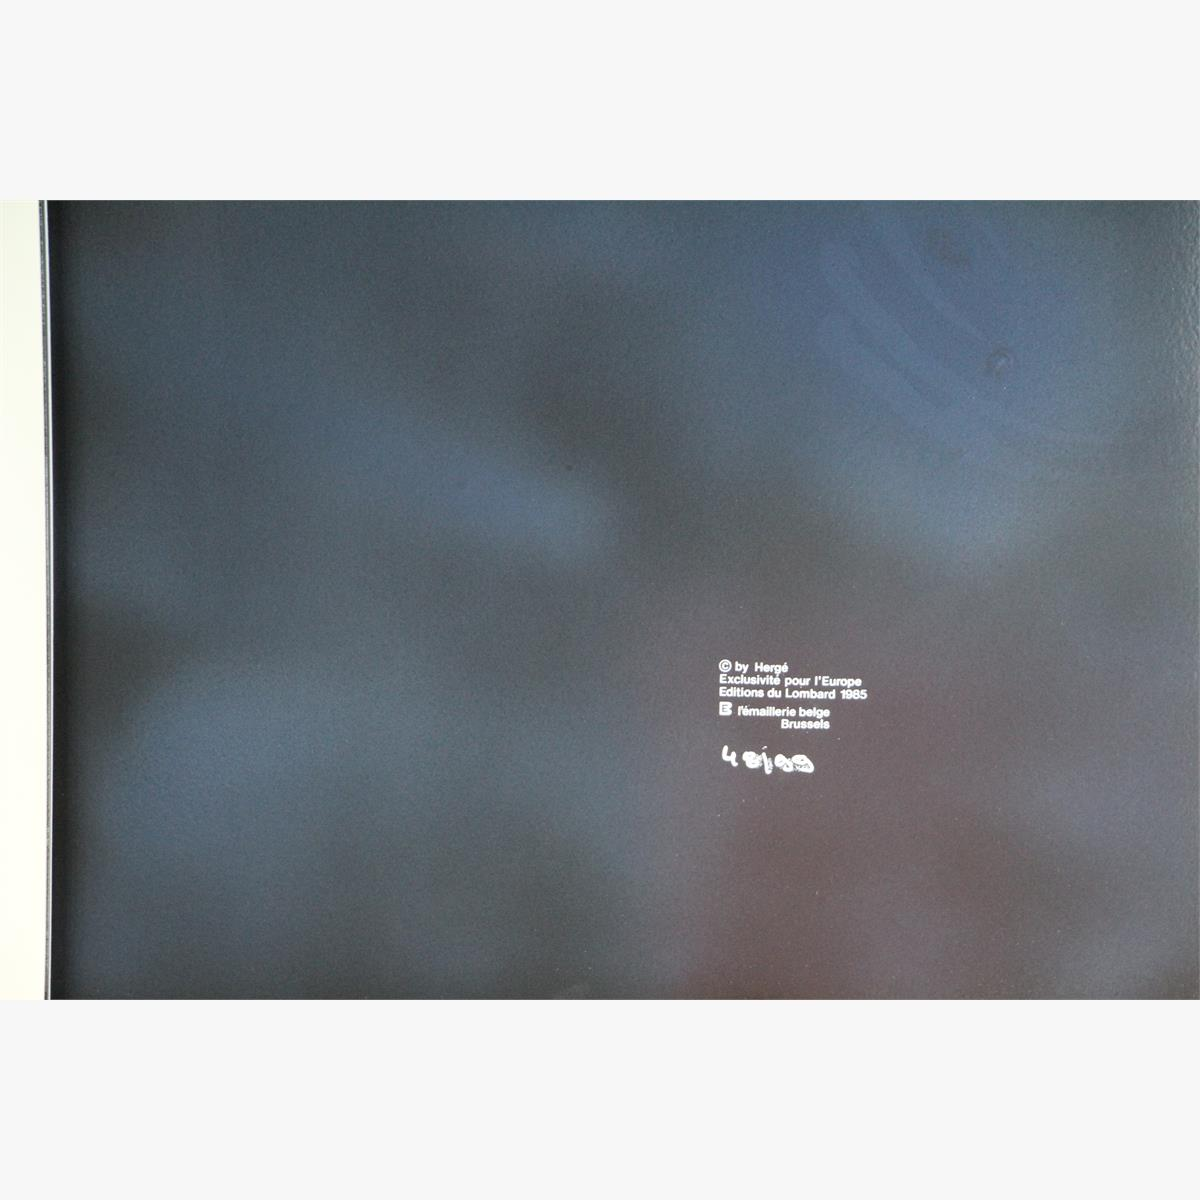 Afbeeldingen van emaille bord kuifje  uit het album mannen op de maan franse tekst plaque émaillée 99 ex 1985